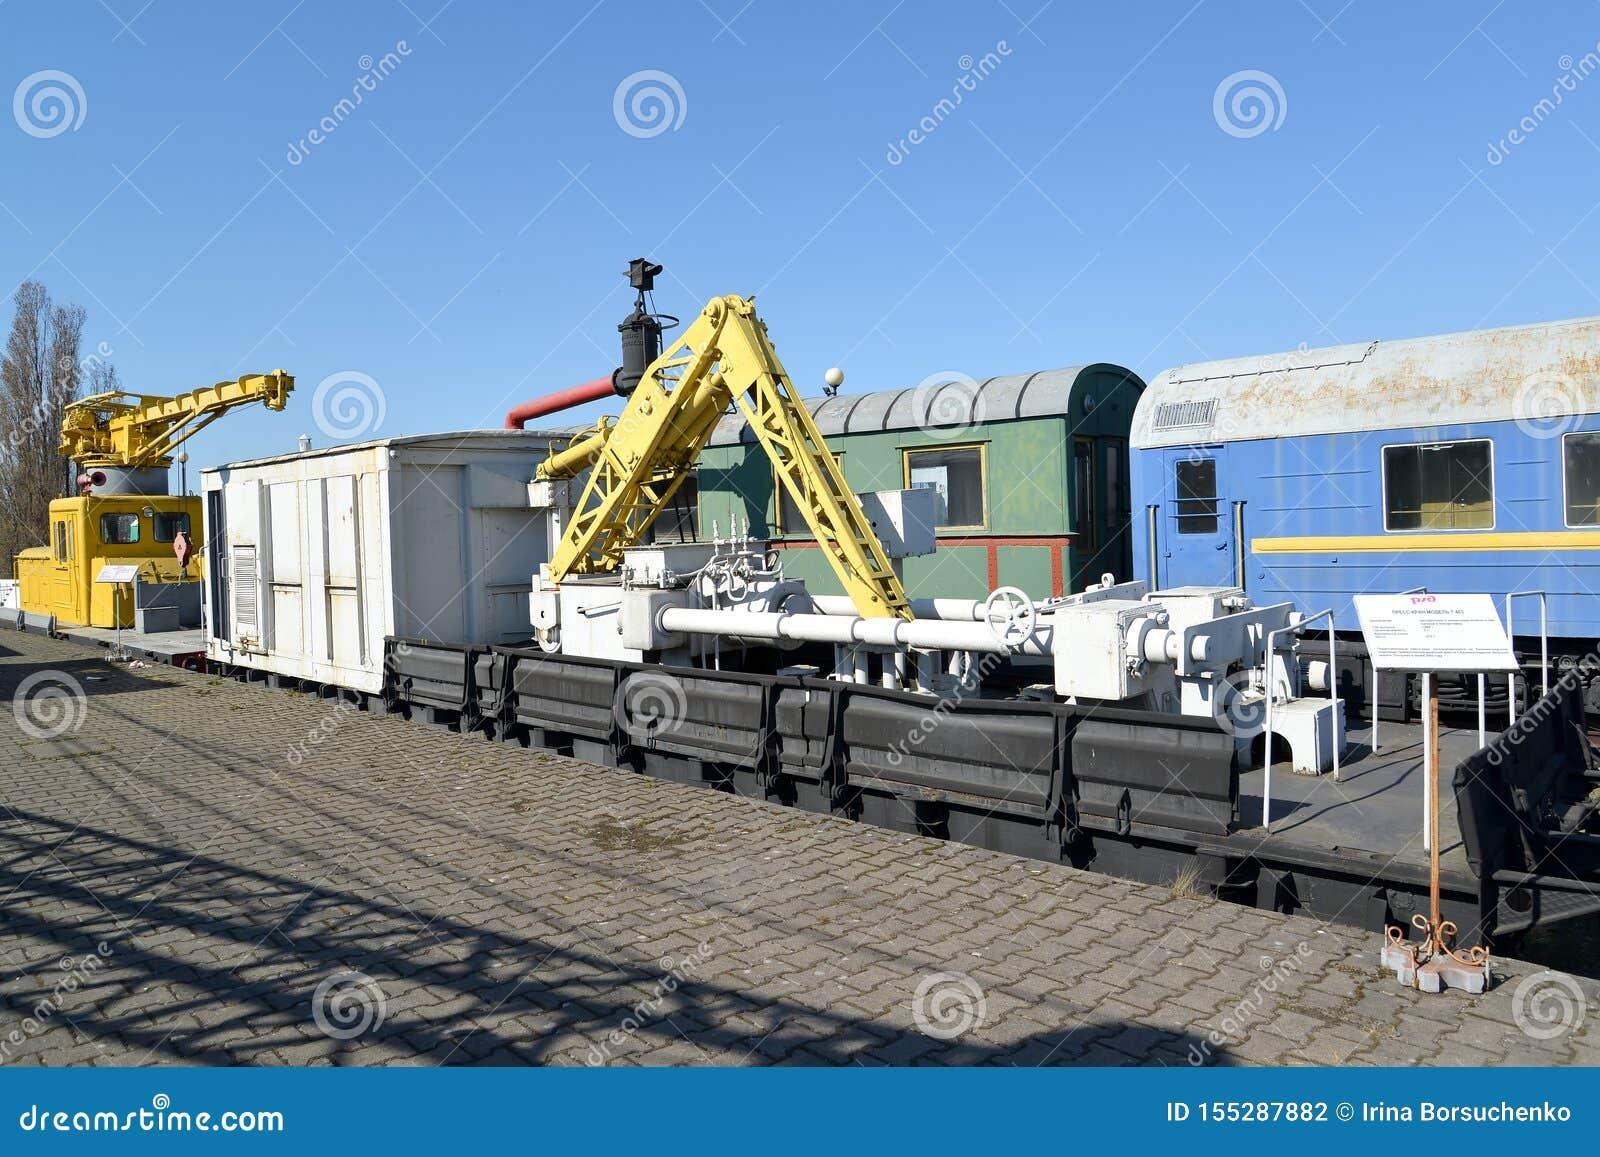 Kaliningrad Ryssland Järnväg presskranmodell T 403 Museum av historia av den Kaliningrad järnvägen